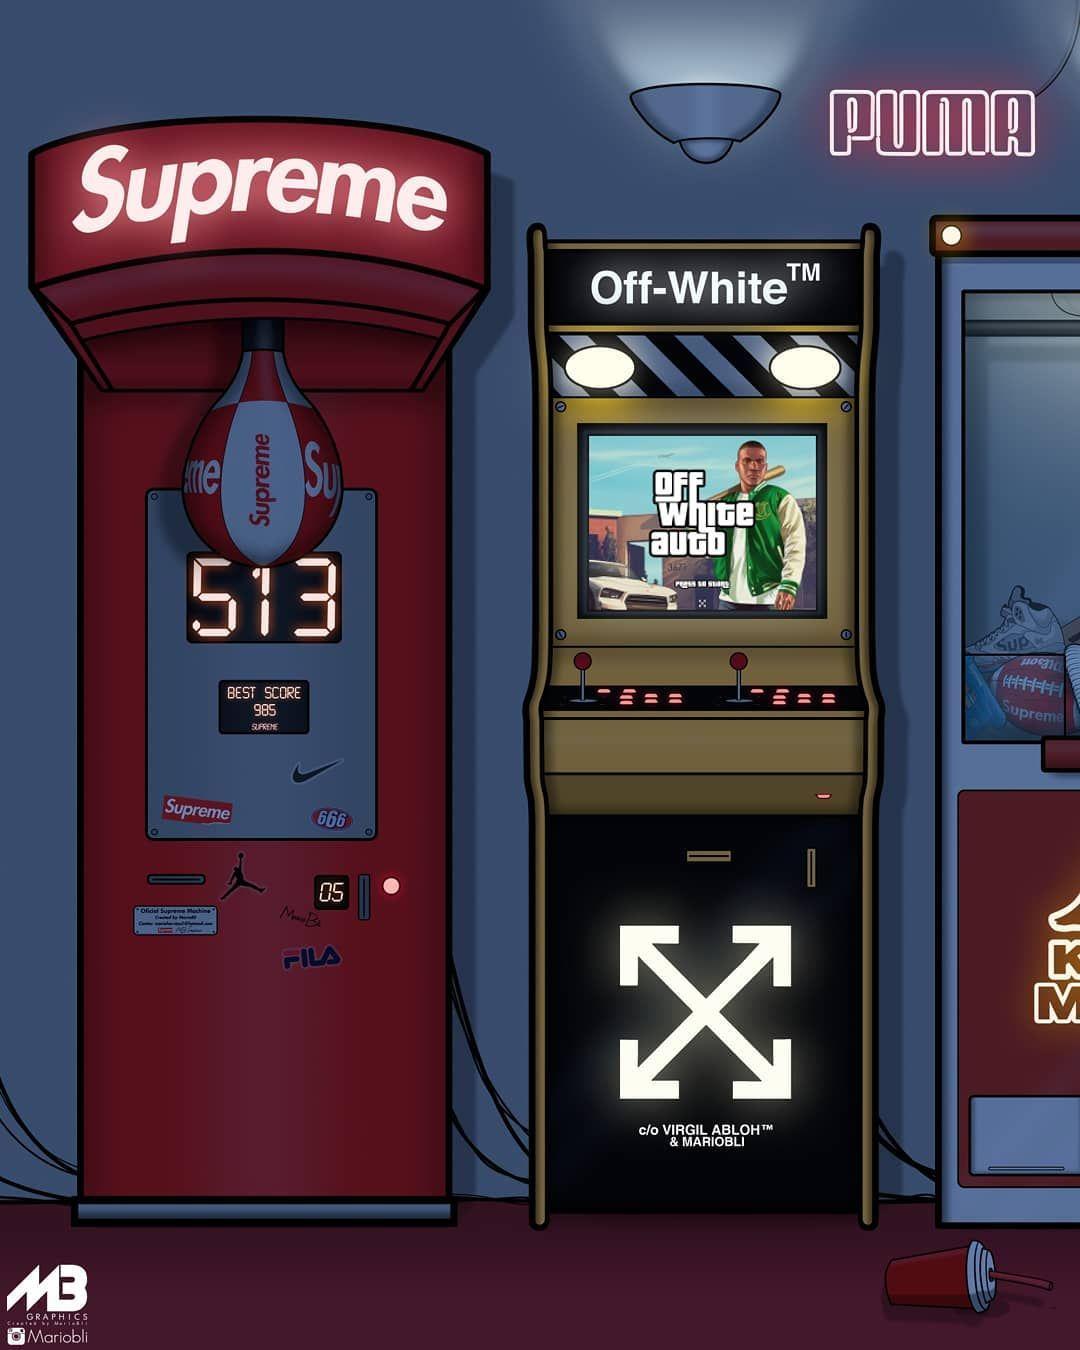 Hypebeast Wallpapers Nixxboi Fondo De Pantalla De Supreme